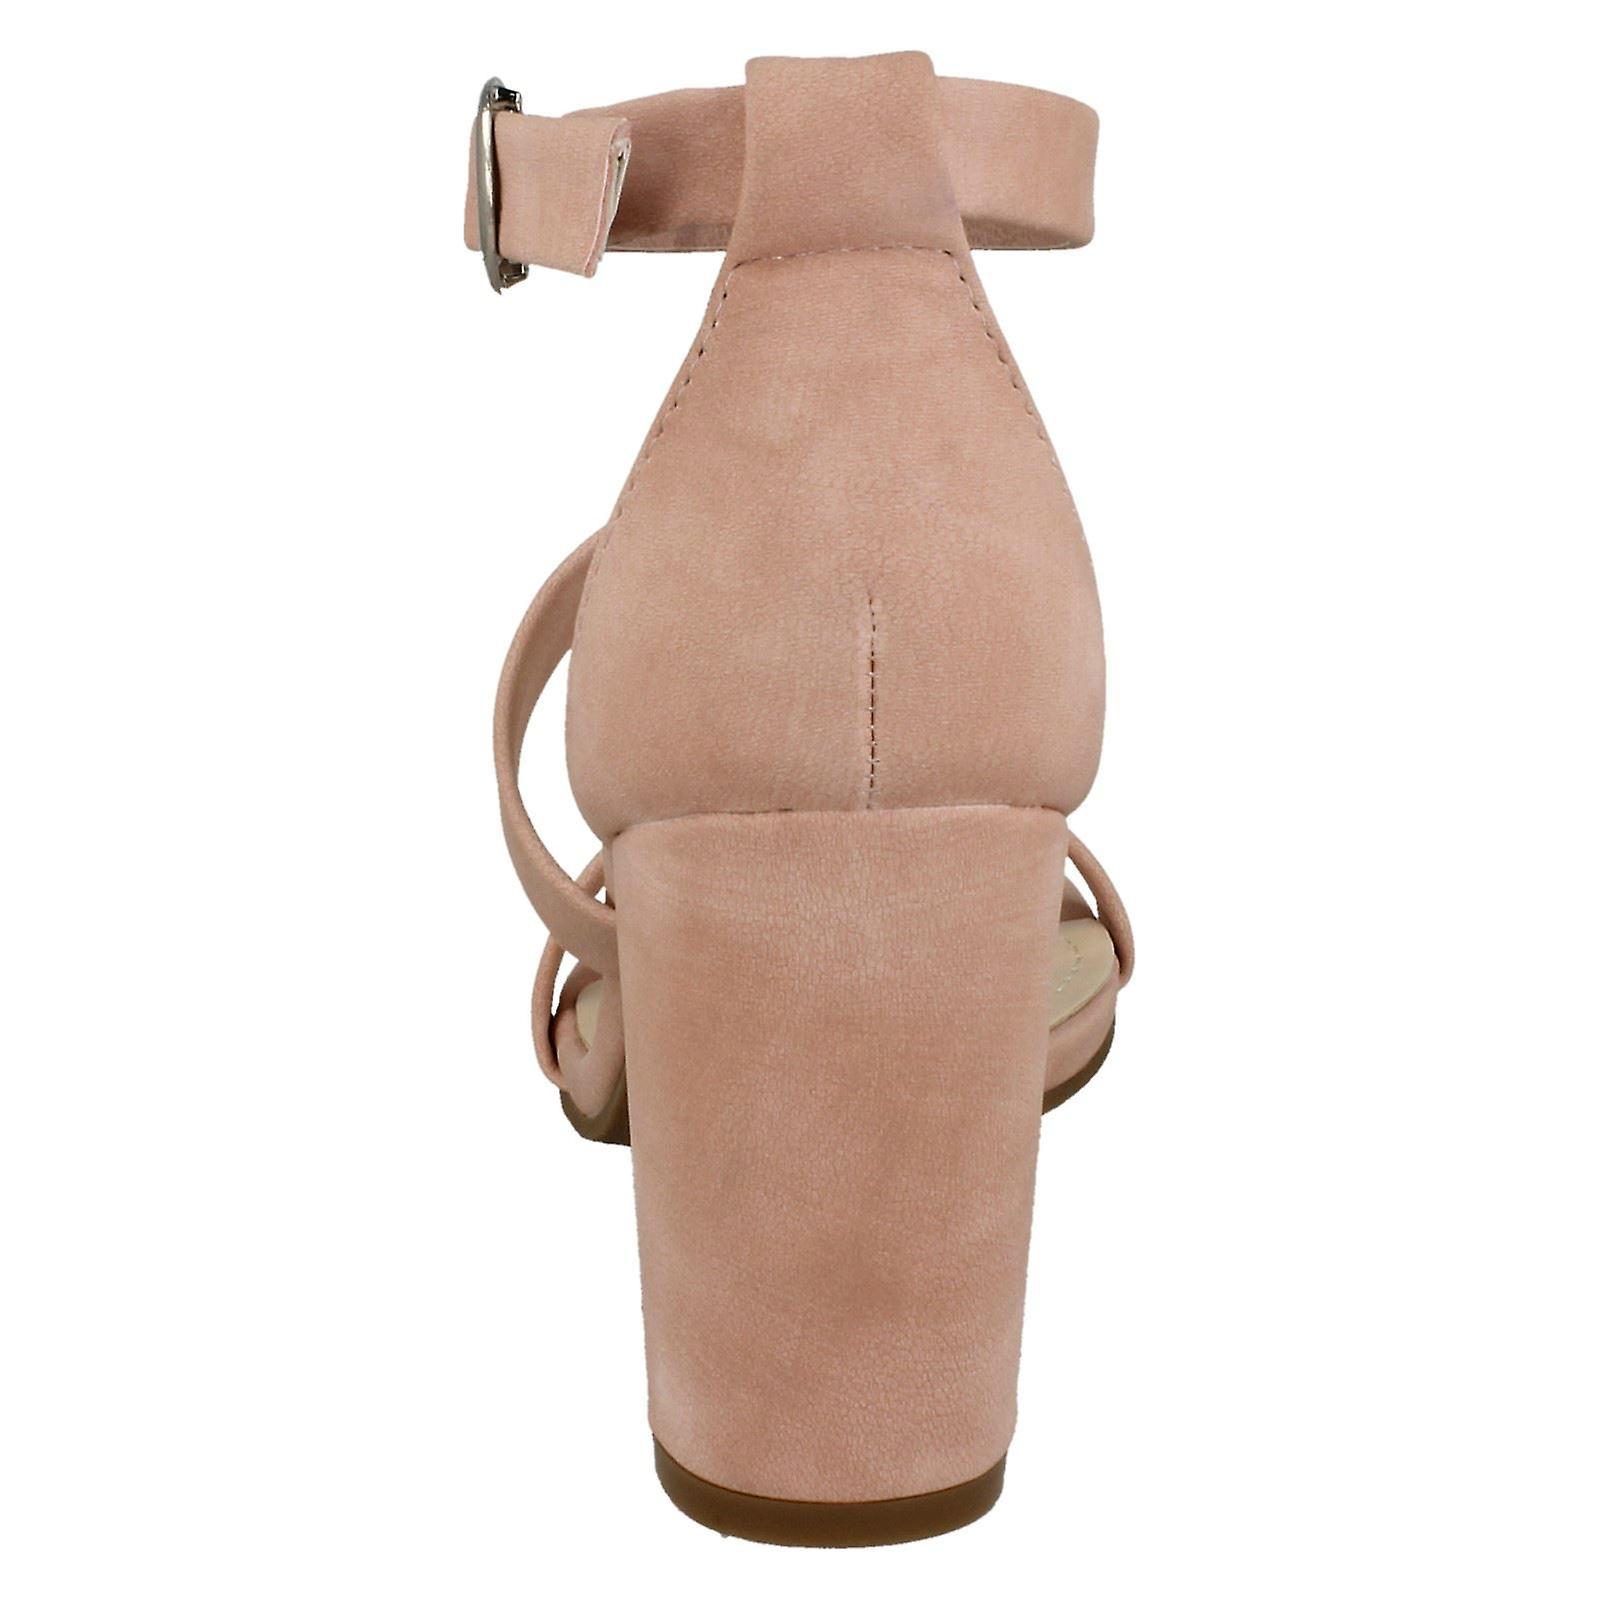 Spot de dames sur Double sangle haut talon sandales F10769 - Remise particulière